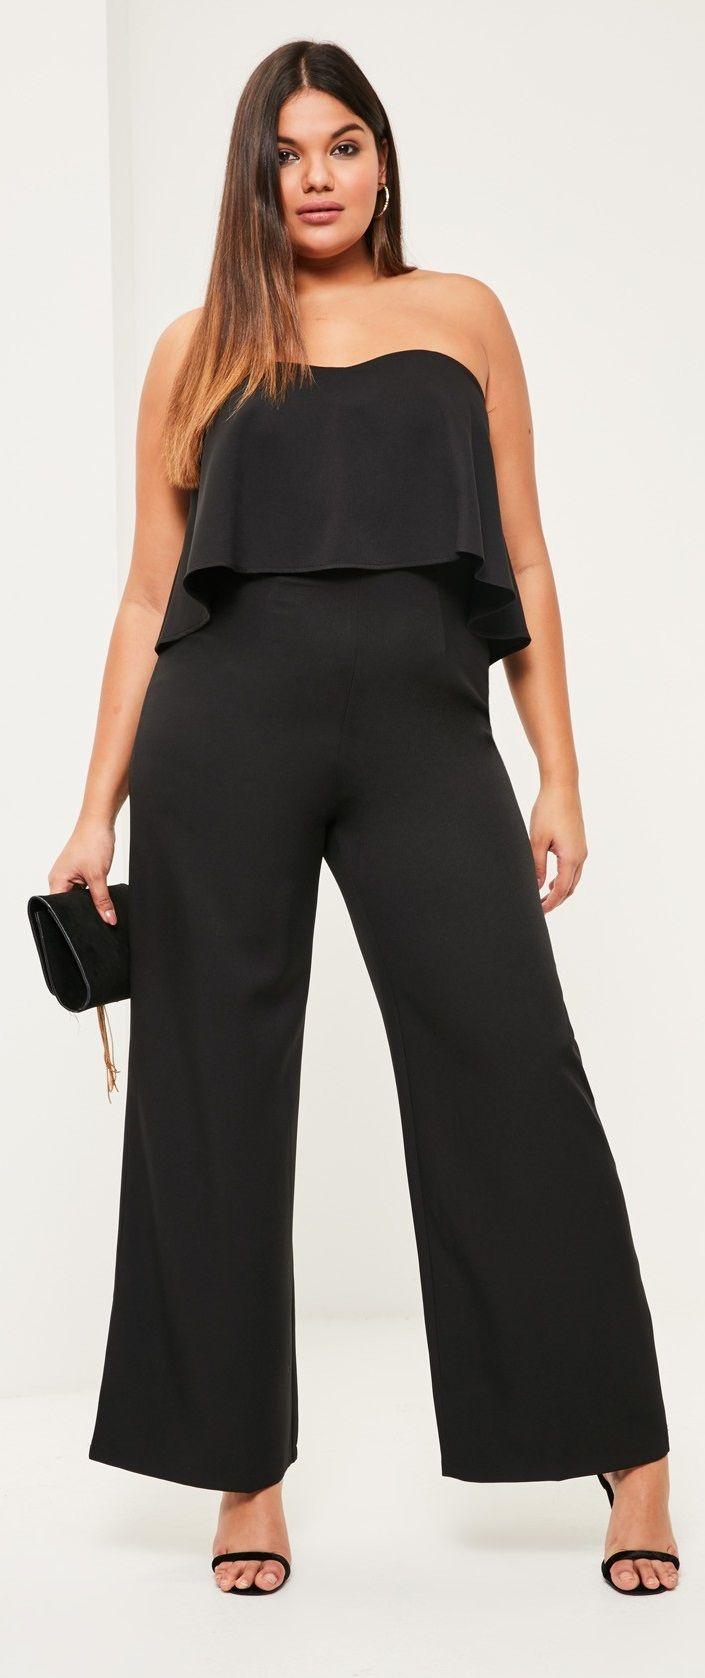 987eda8e2d plus size wide leg jumpsuit | Plus Size Fashion | Plus size romper ...